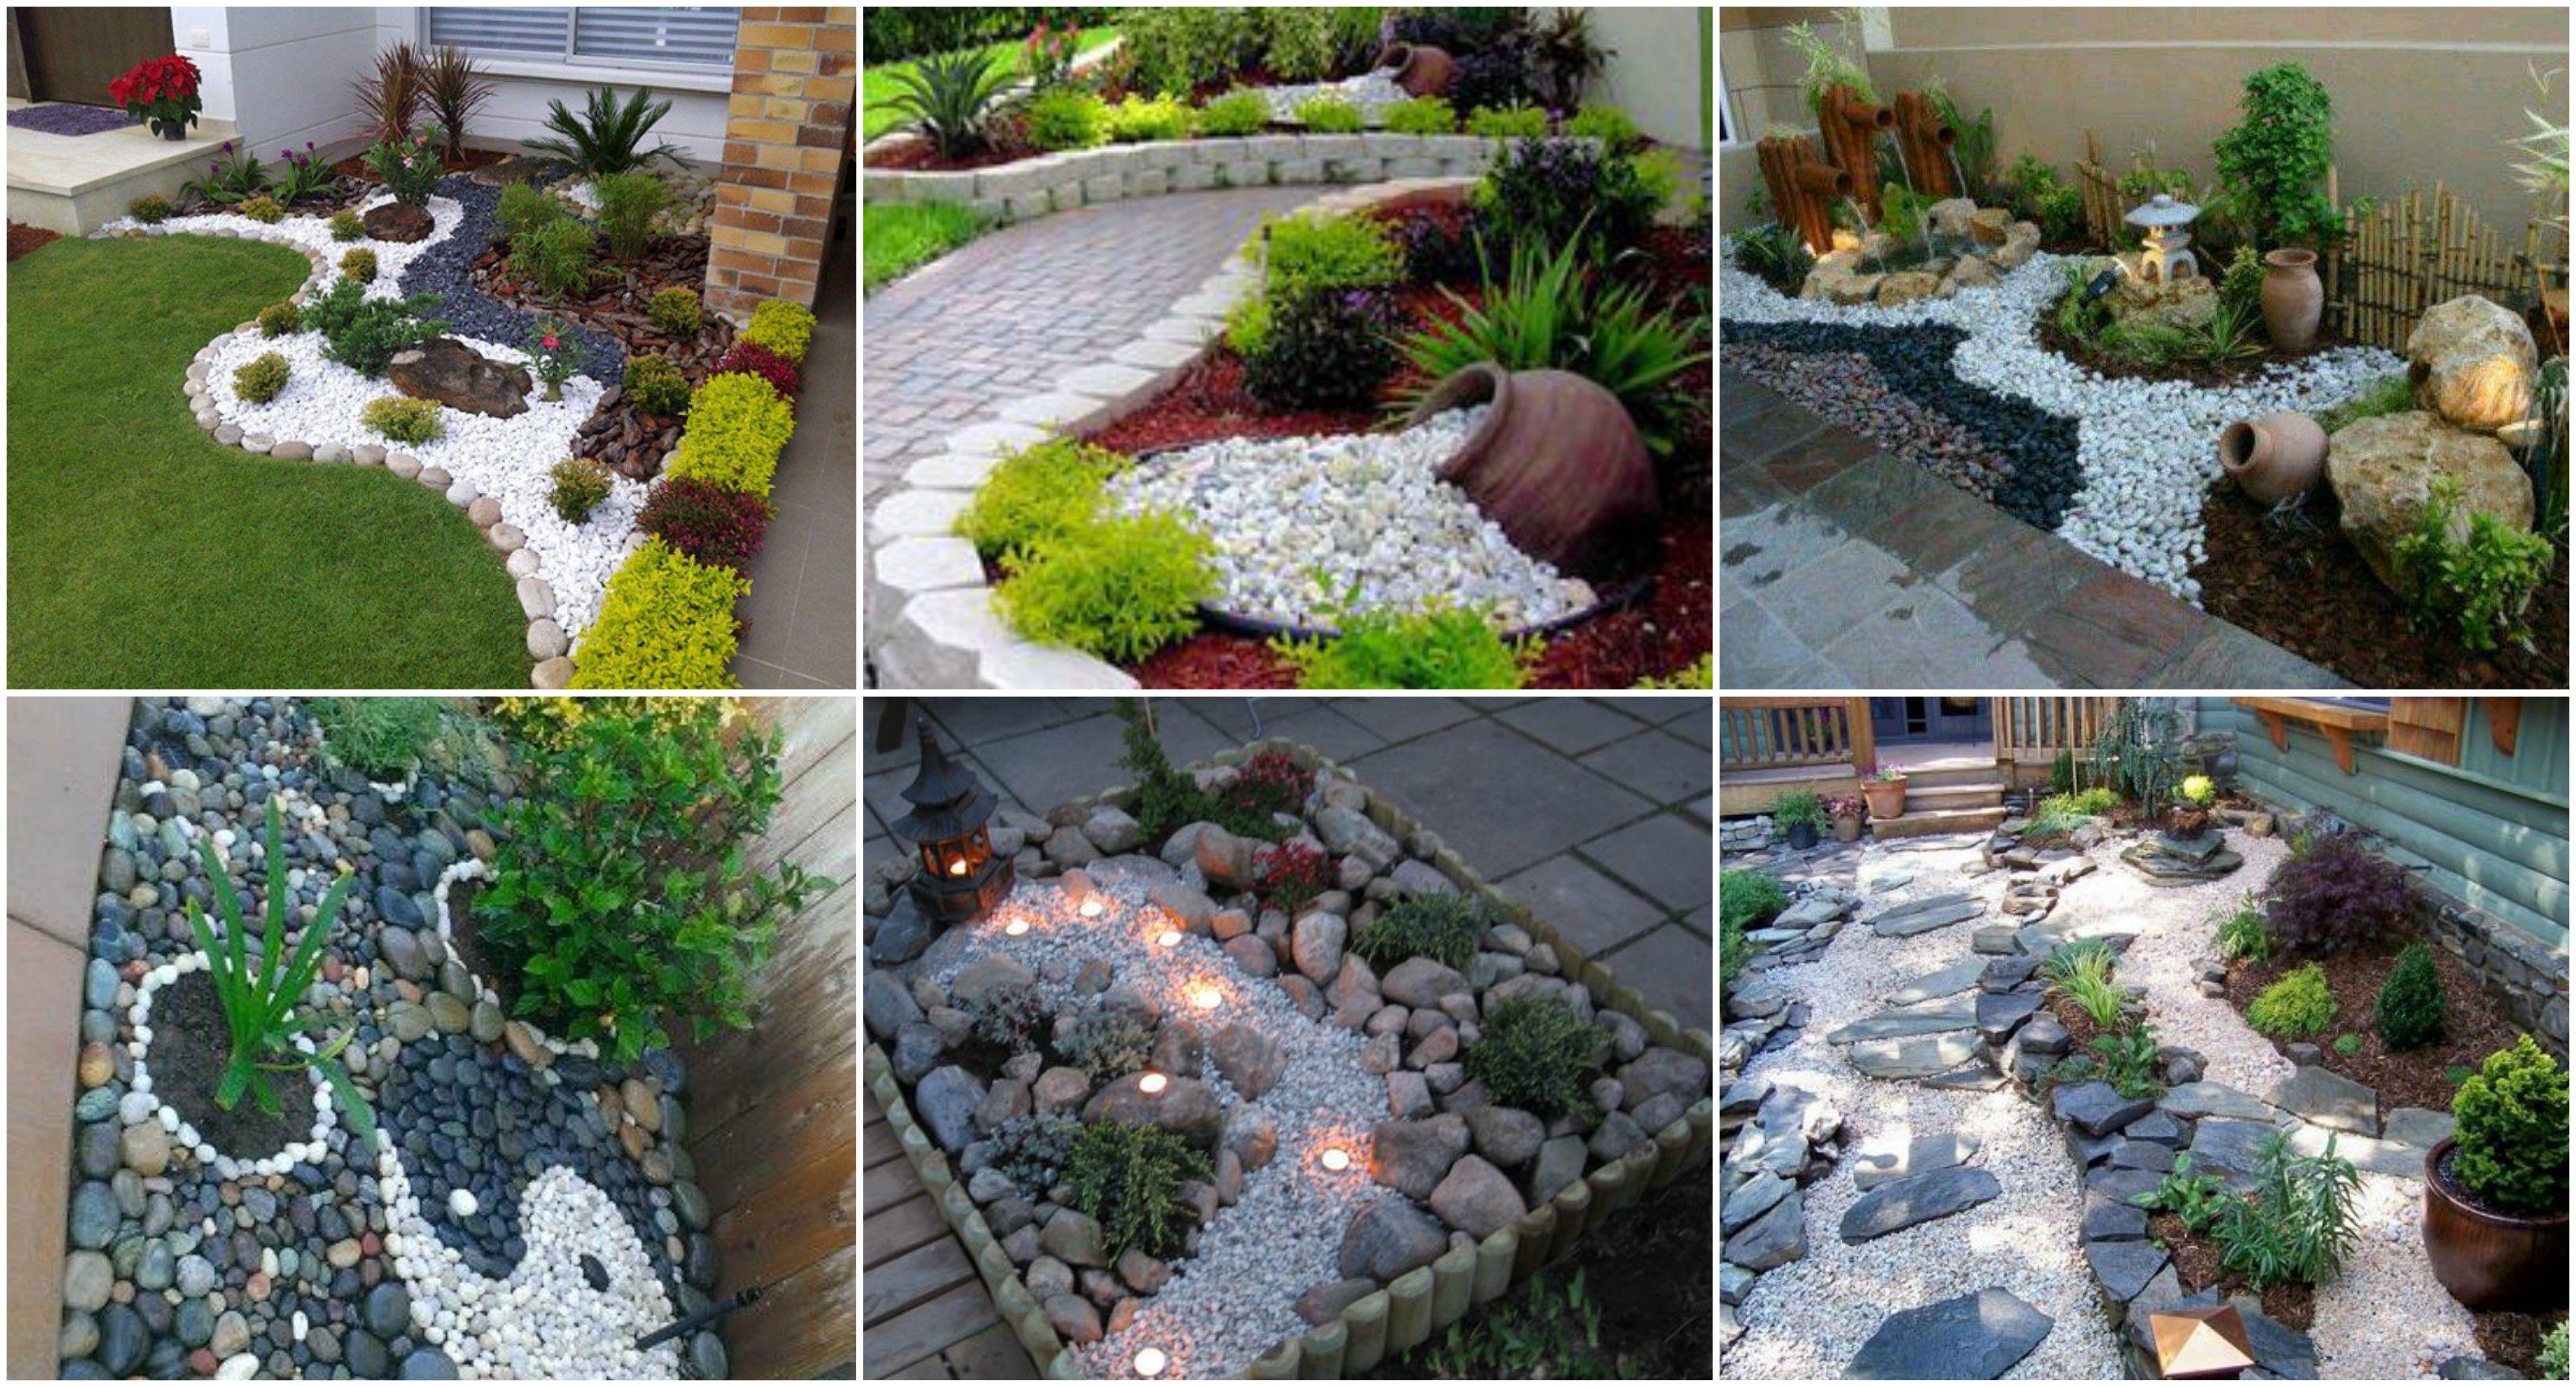 16 Garten Mit Steine Gestalten Garten Gestalten Garten Dekosteine Garten